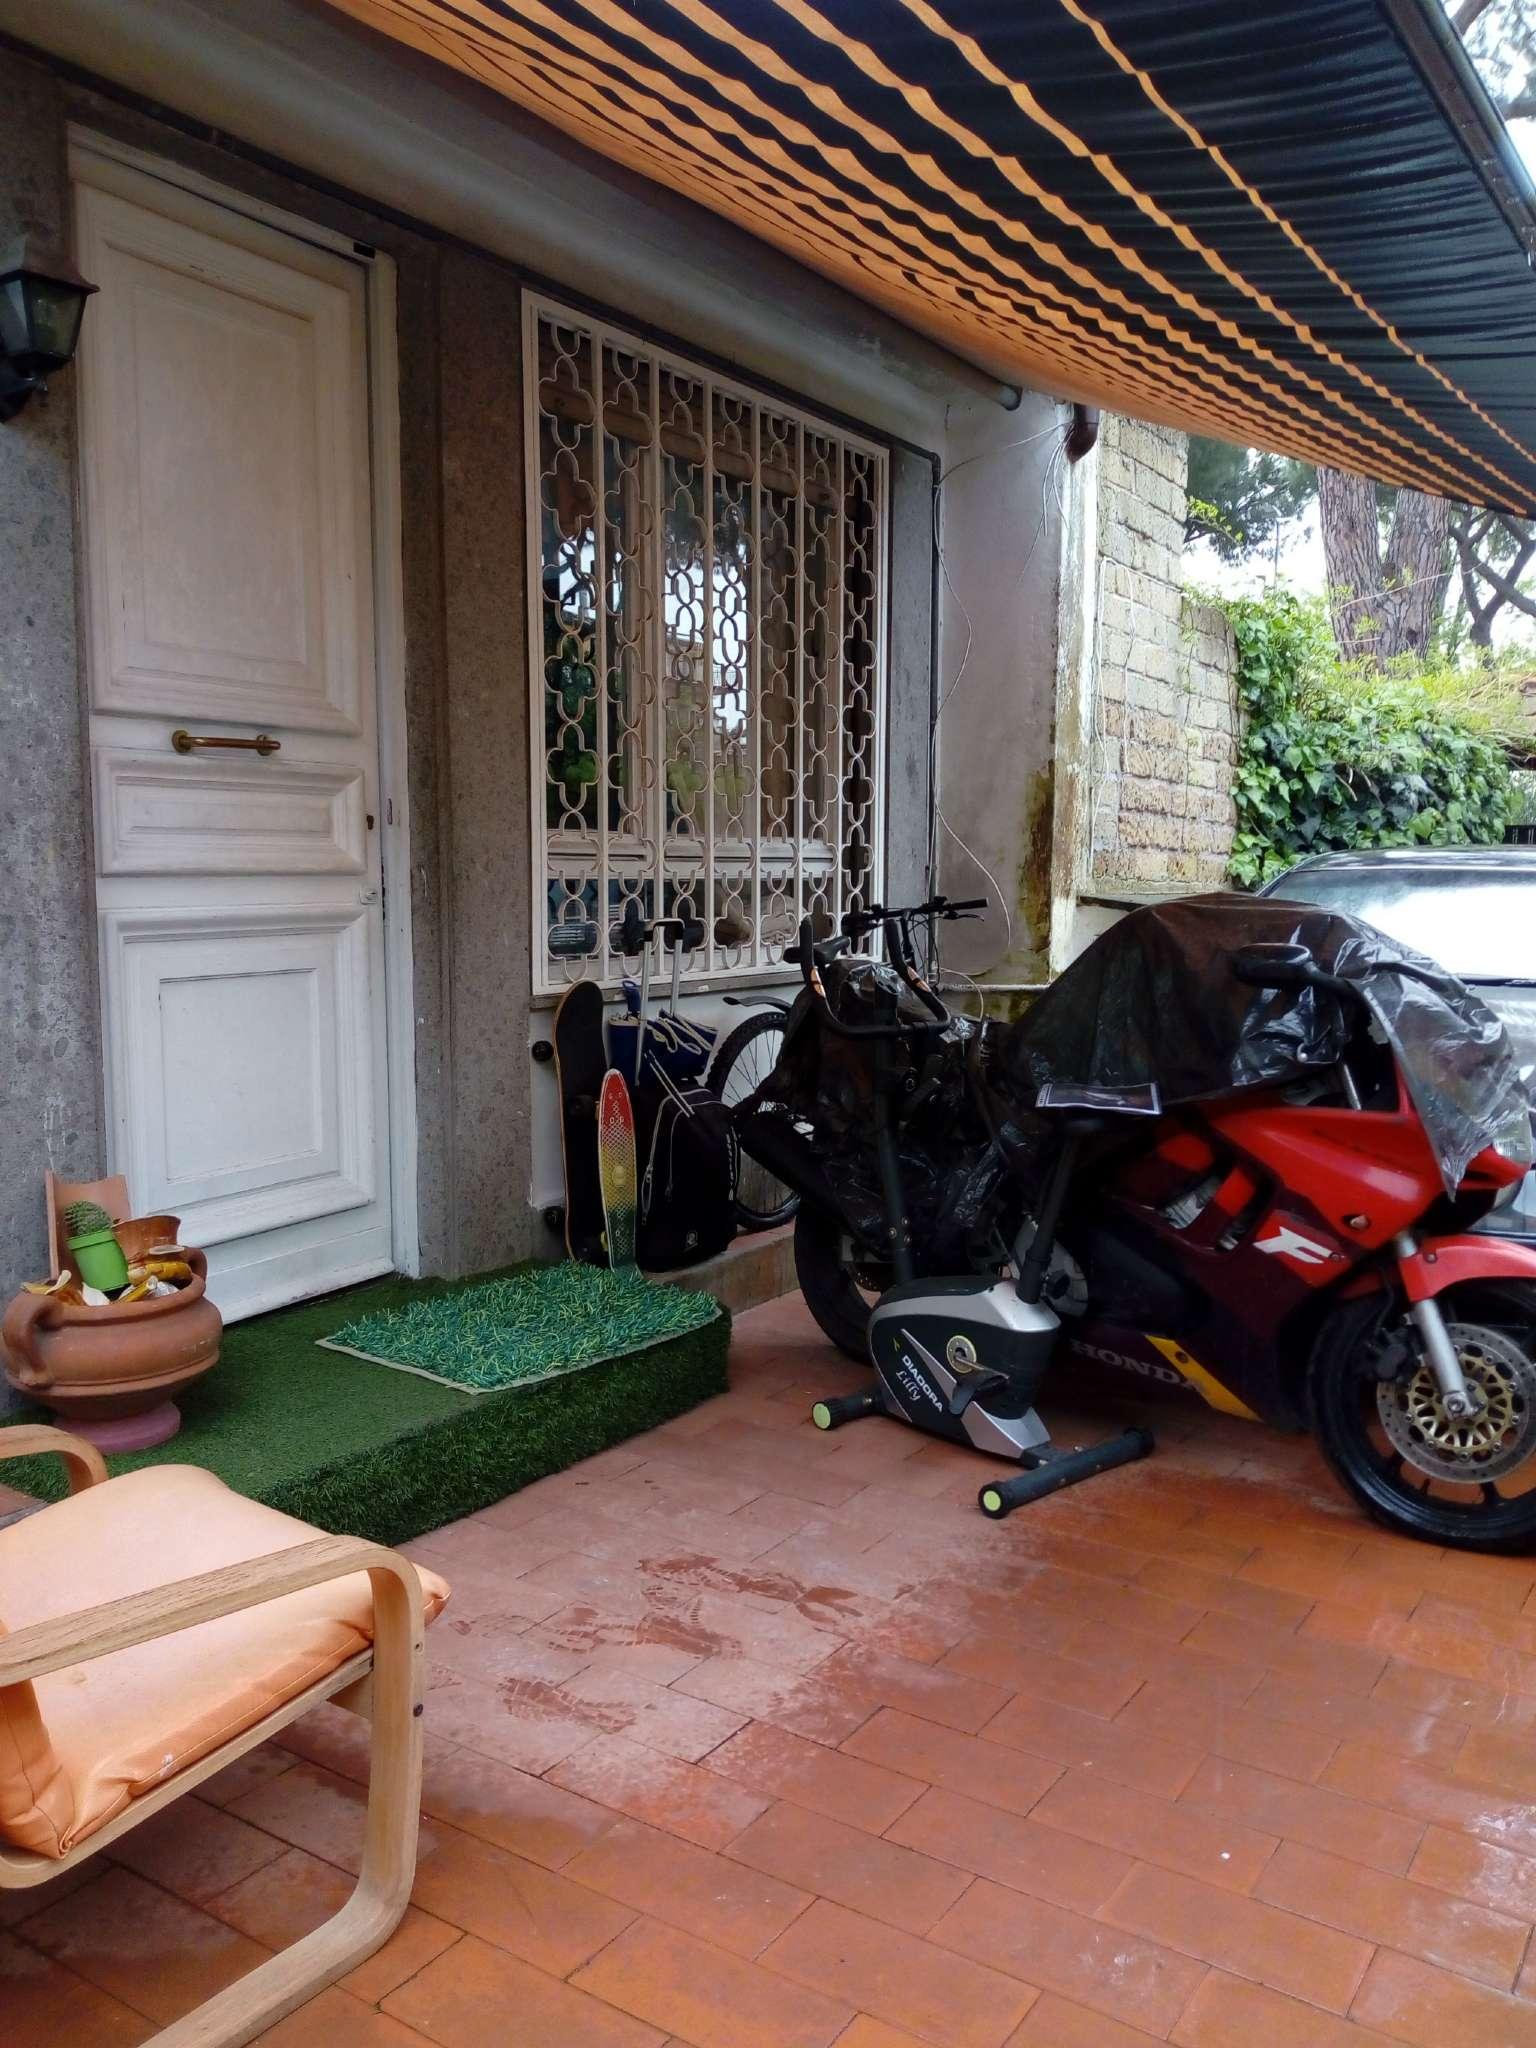 Villetta in vendita 5 vani 130 mq.  via VIA ARCHELAO DI MILETO 30 Roma